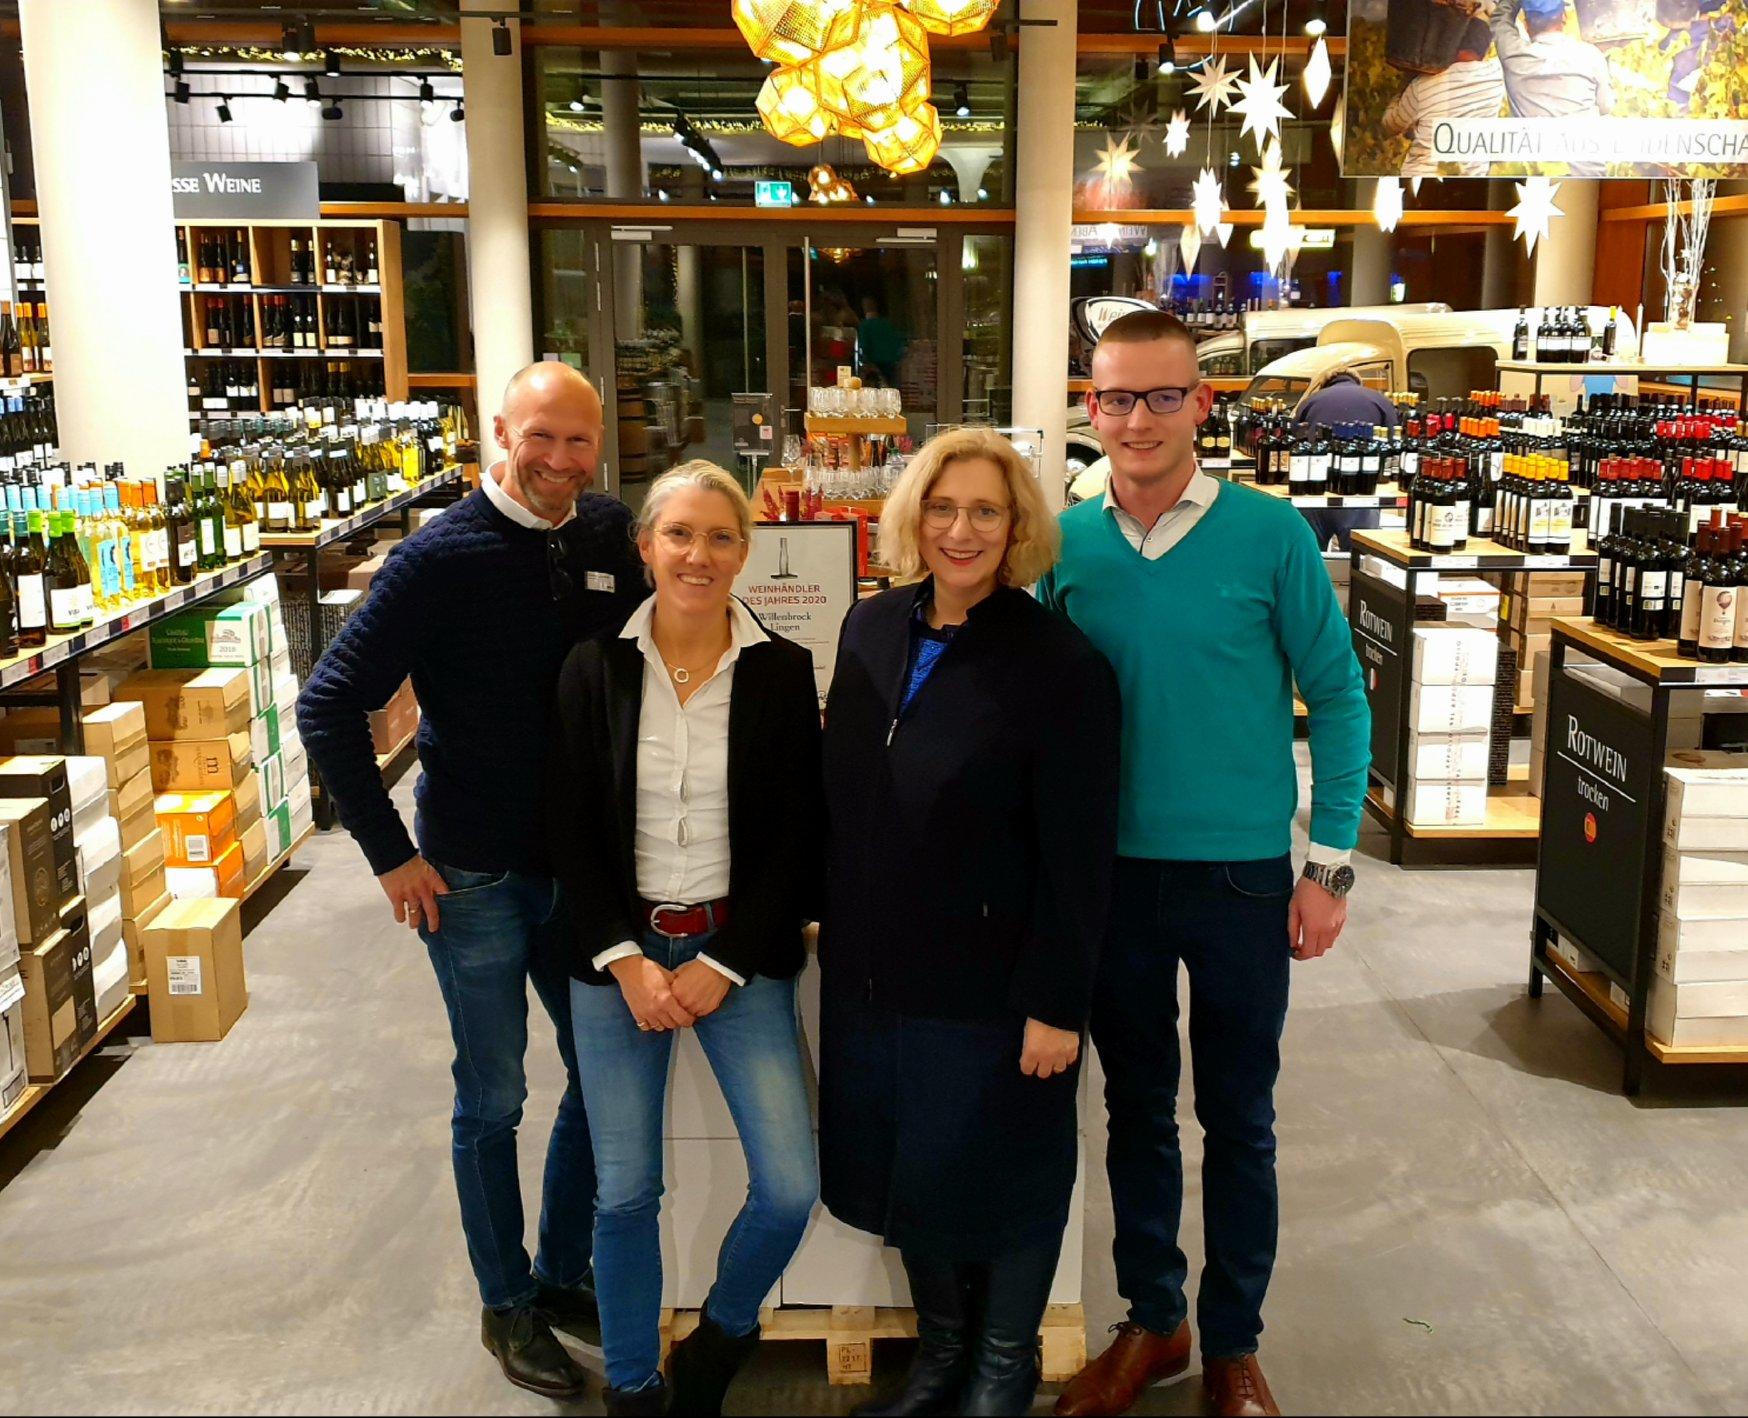 Hendrick und Isa Willenbrock, Dr. Daniela De Ridder und Julius Frilling